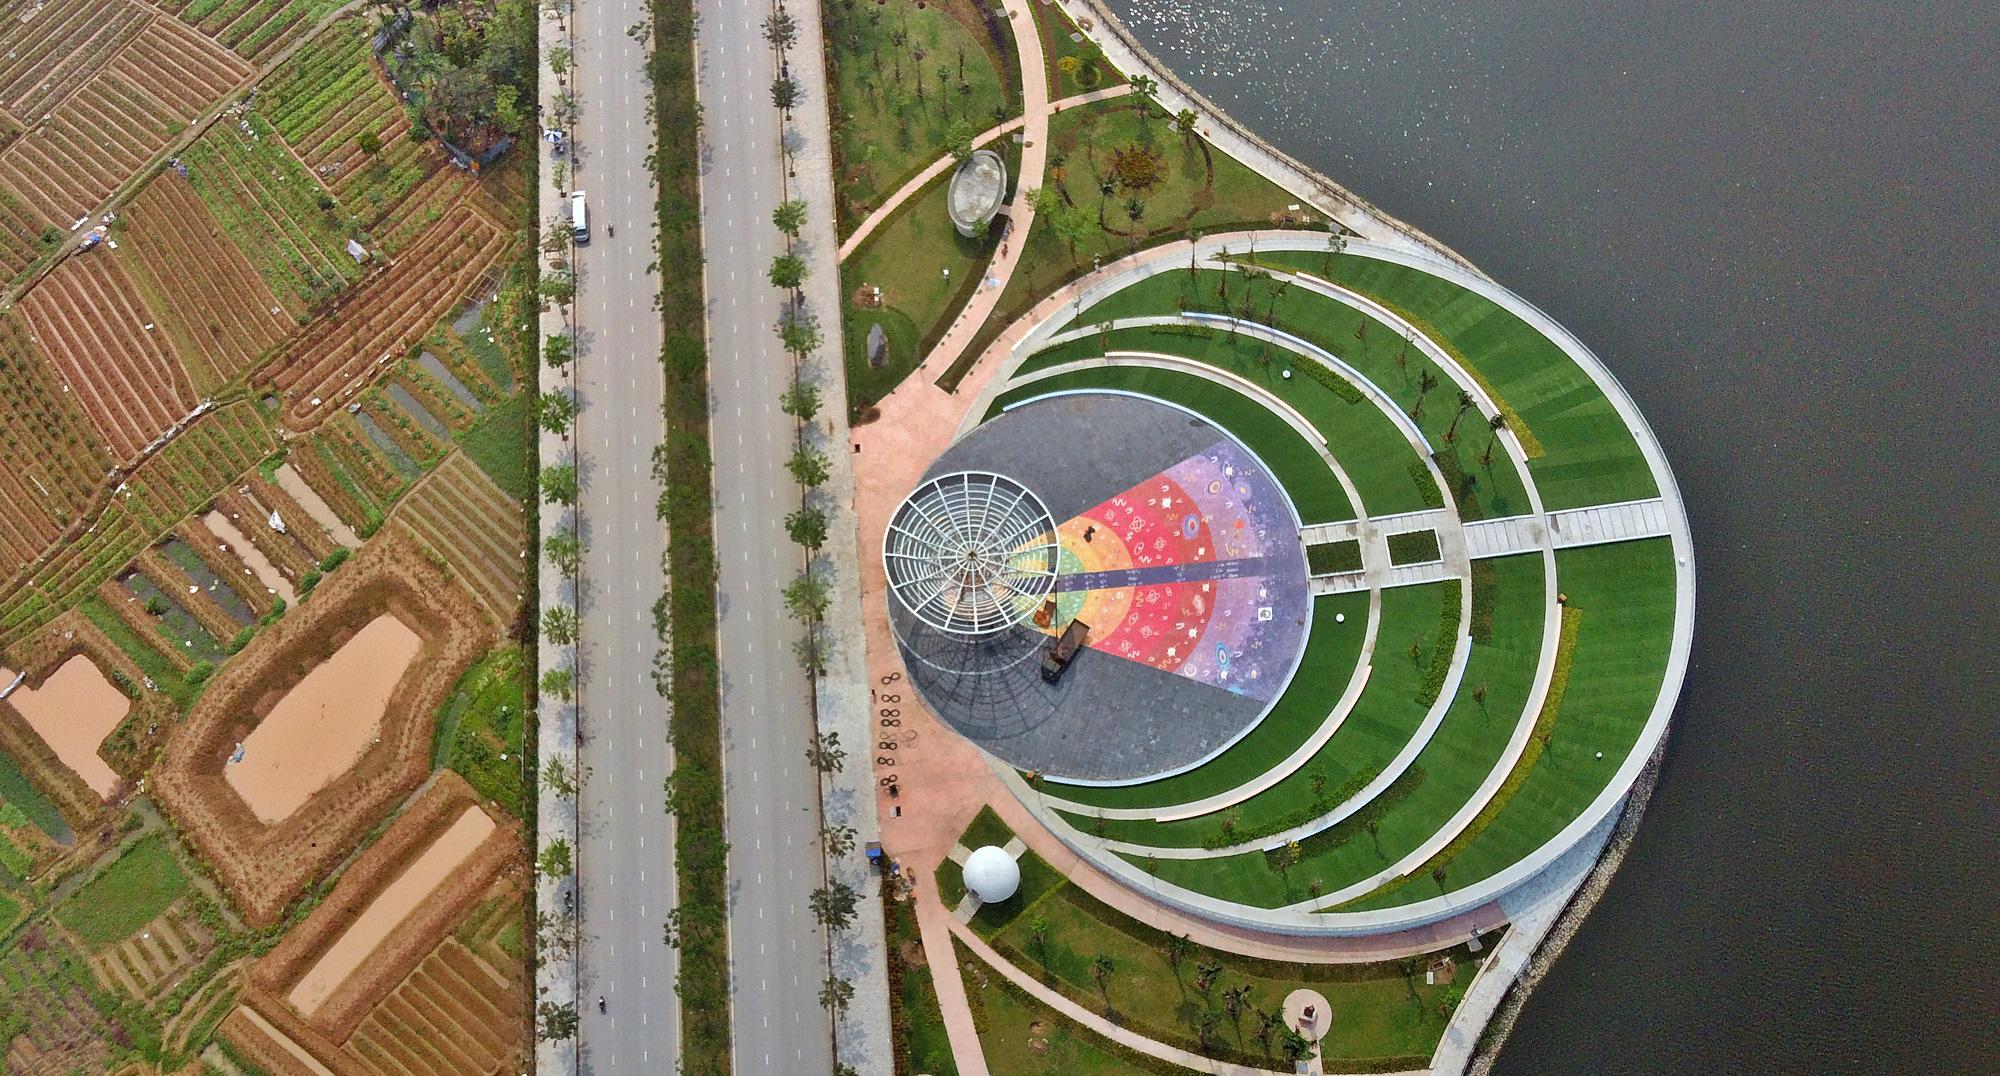 Công viên Thiên văn học đầu tiên Đông Nam Á ở KĐT Dương Nội đẹp lung linh nhìn từ trên cao - Ảnh 5.